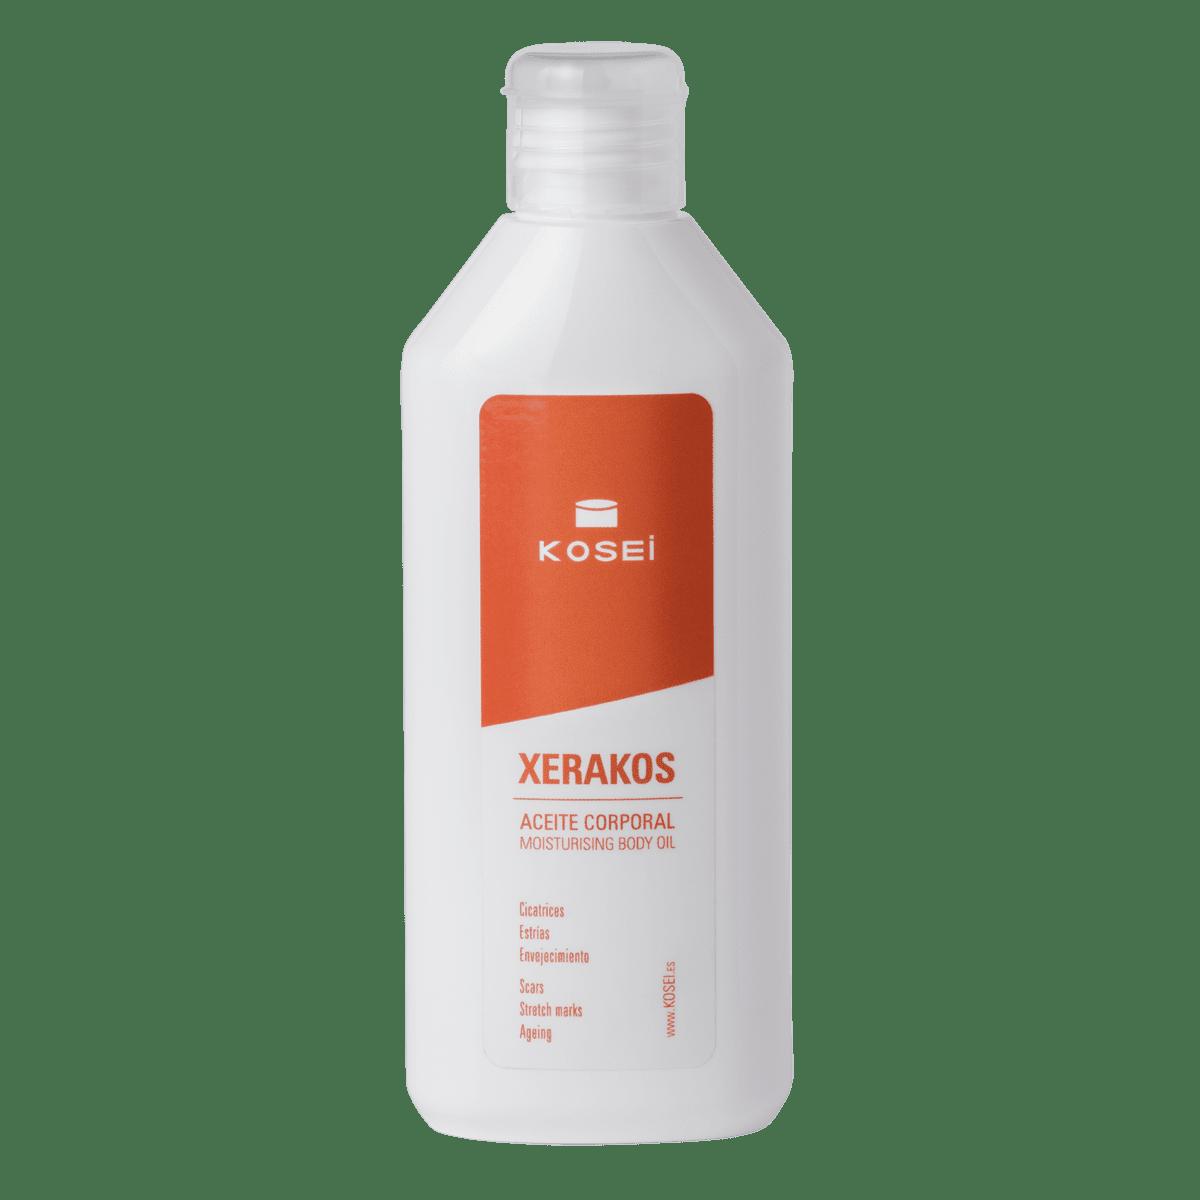 XERAKOS aceite corporal